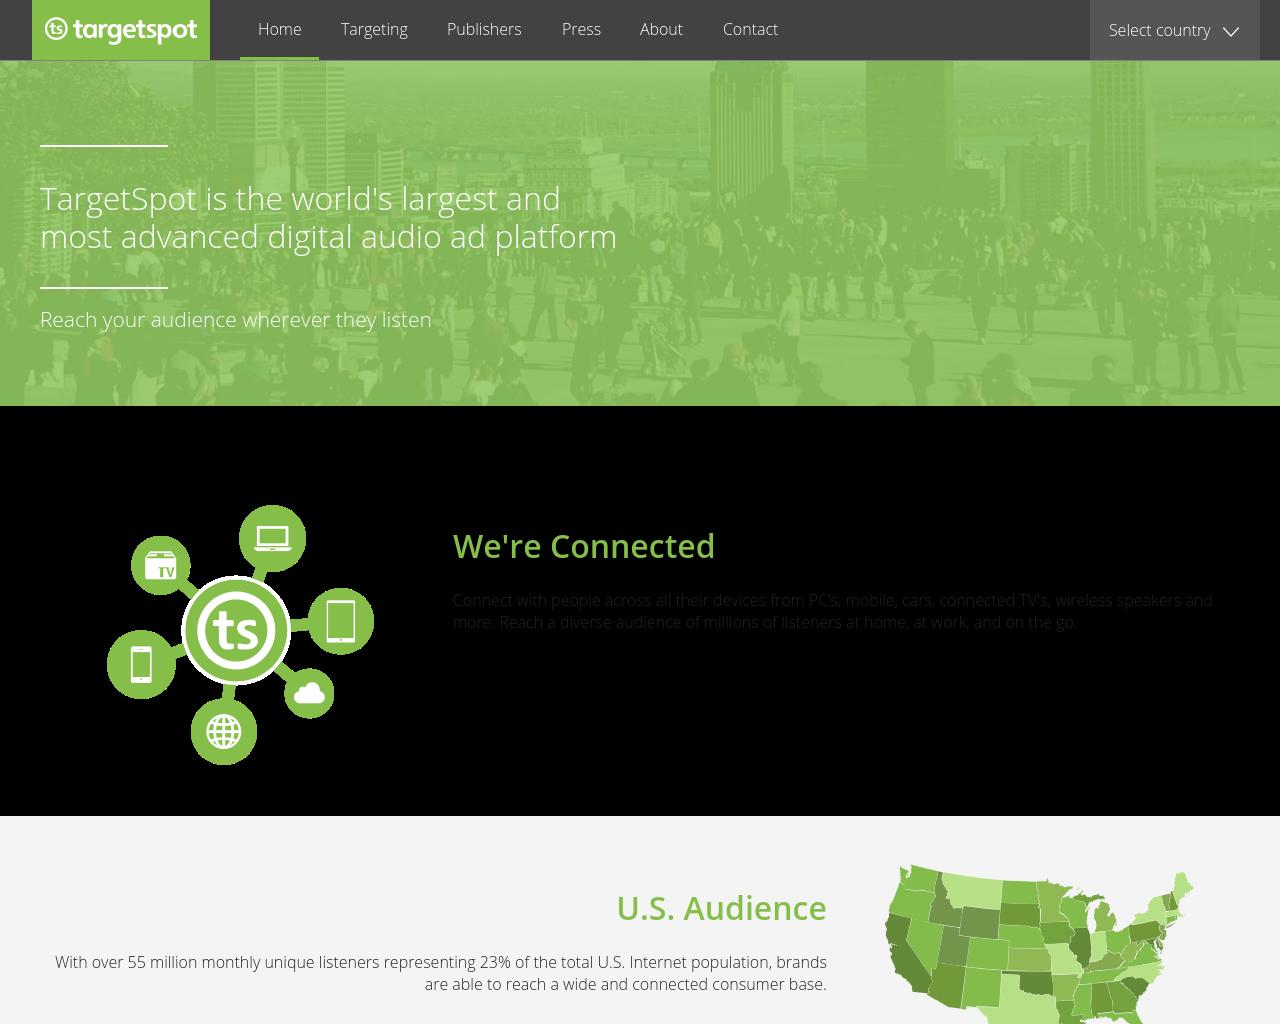 TargetSpot-Advertising-Reviews-Pricing